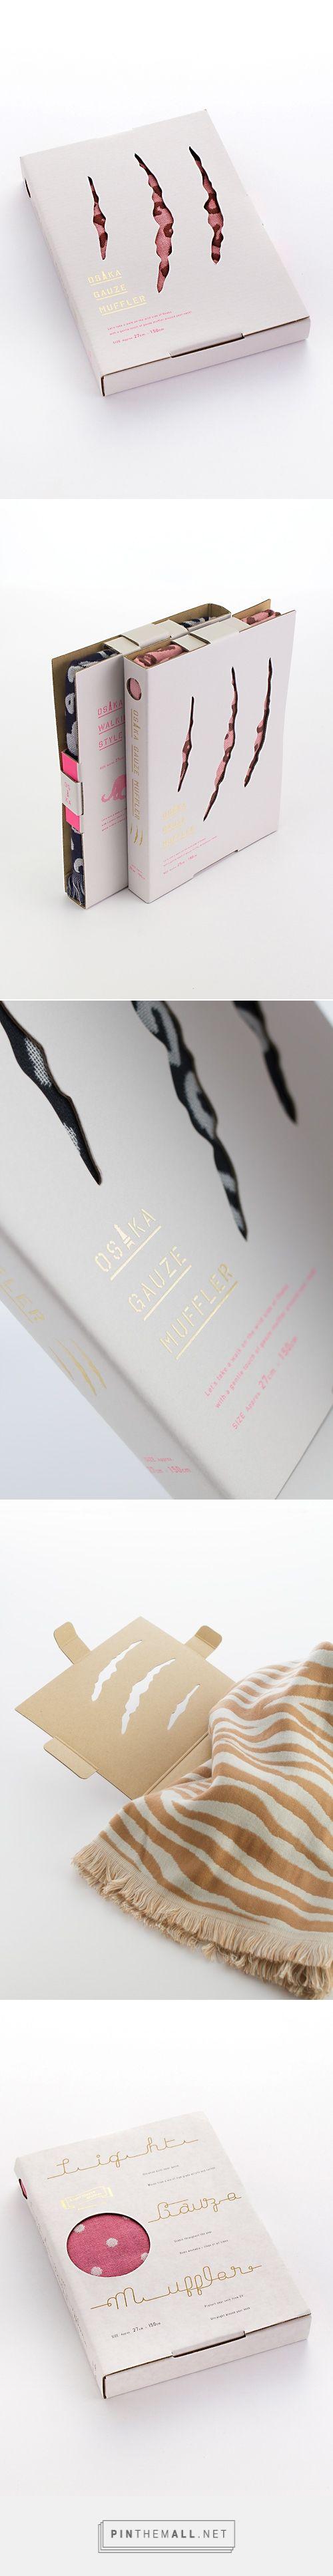 OSAKA GAUZE MUFFLER | Grand Deluxe【愛媛松山/デザイン】- #scarf #packaging #design